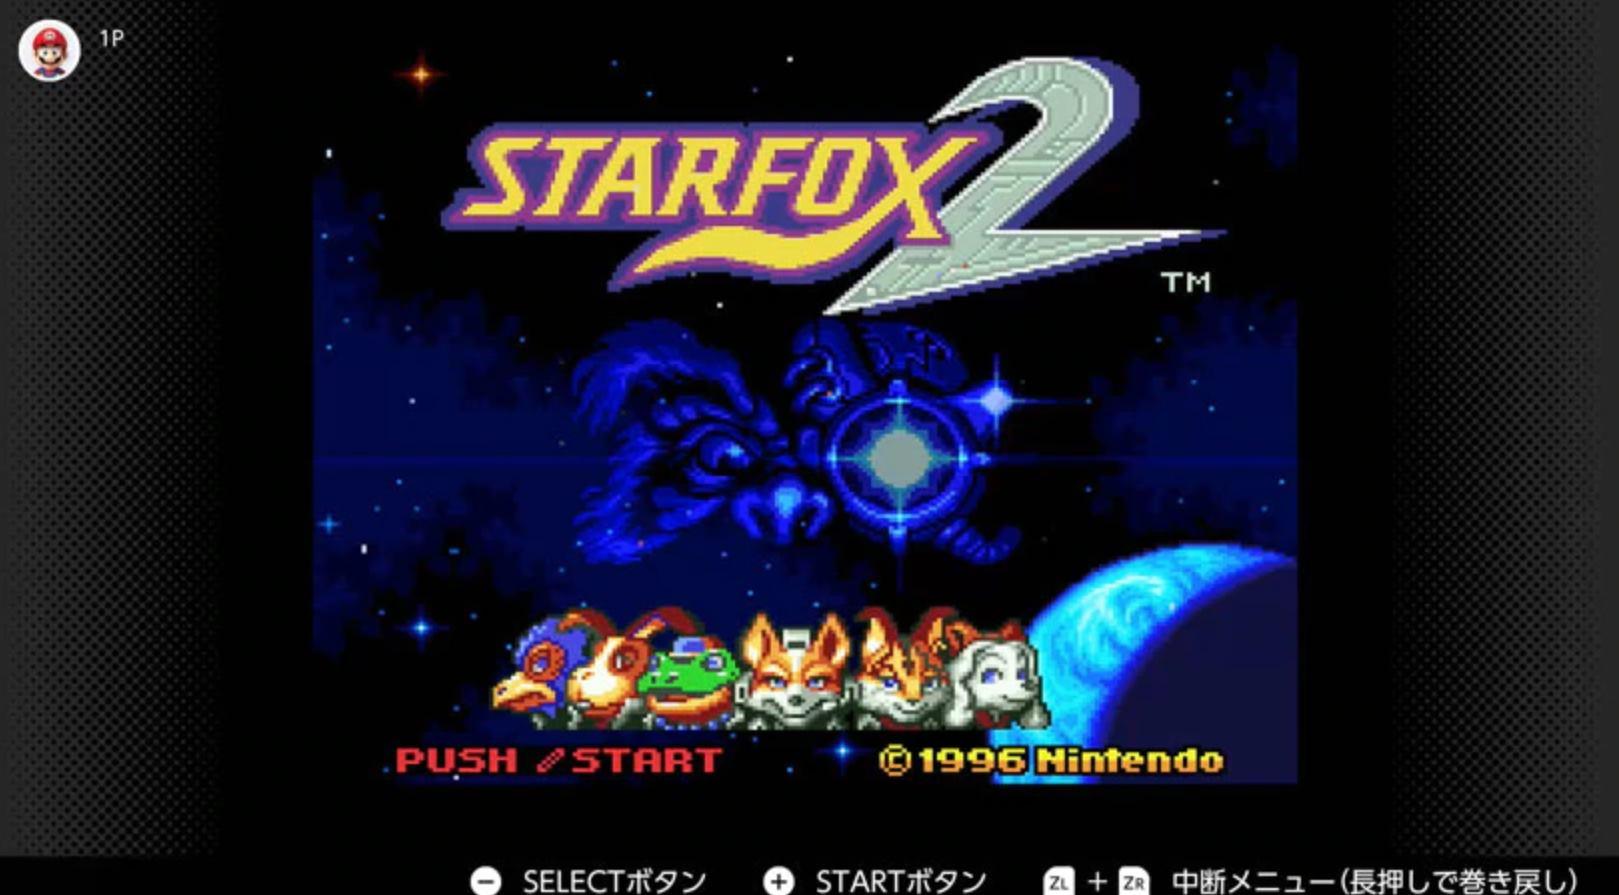 3 9 - switchでスターフォックス新作出してくれい!!!!!!!!!!!!!!!!!!!